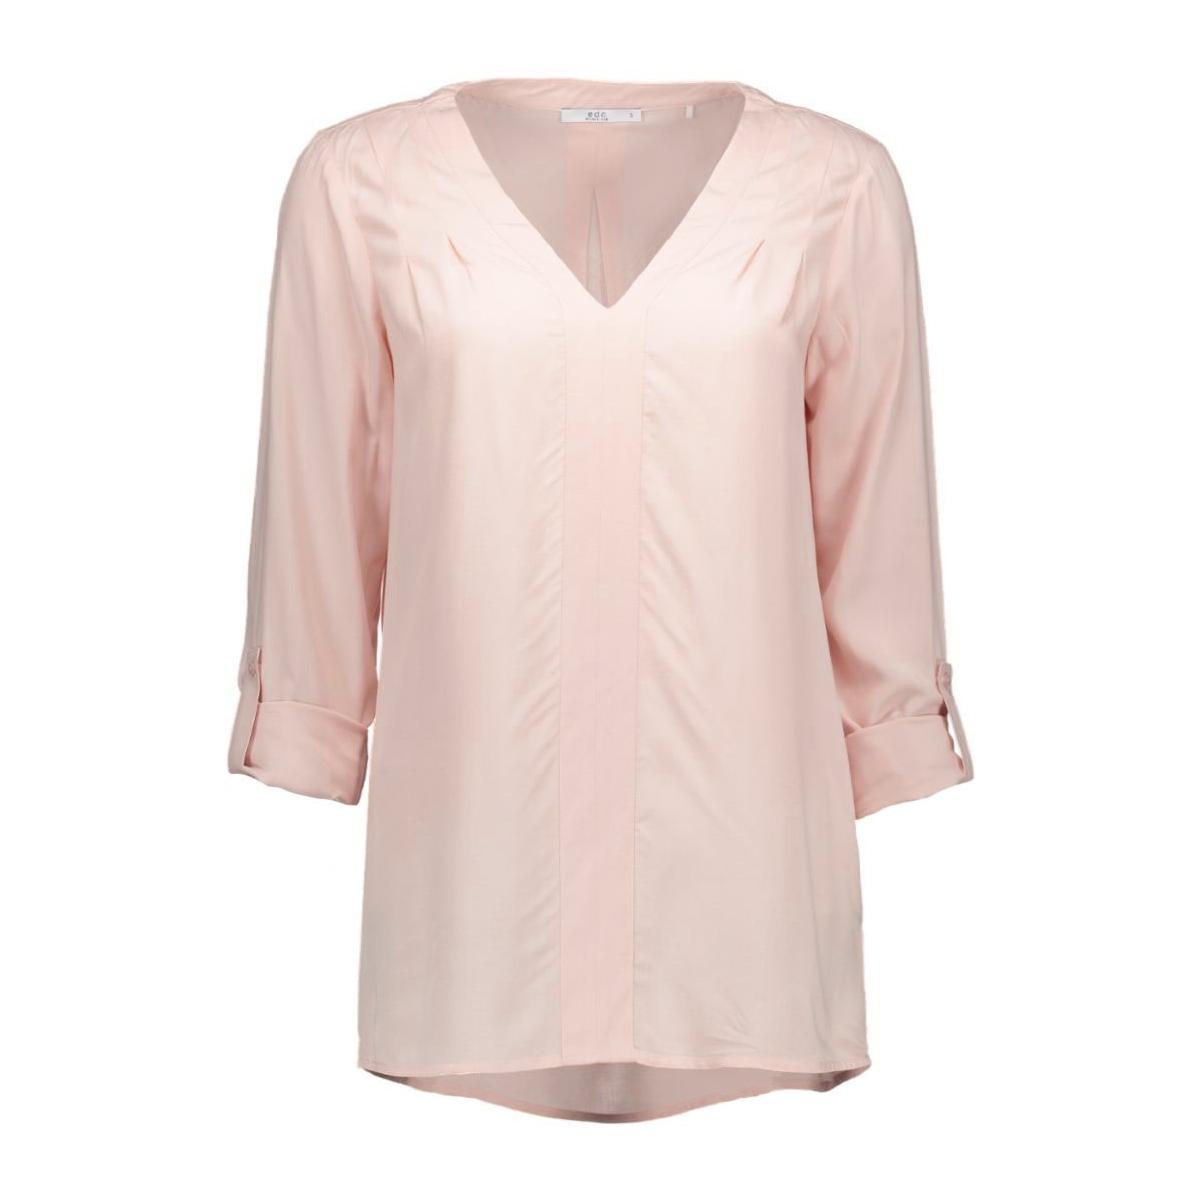 125cc1f006 edc blouse c685